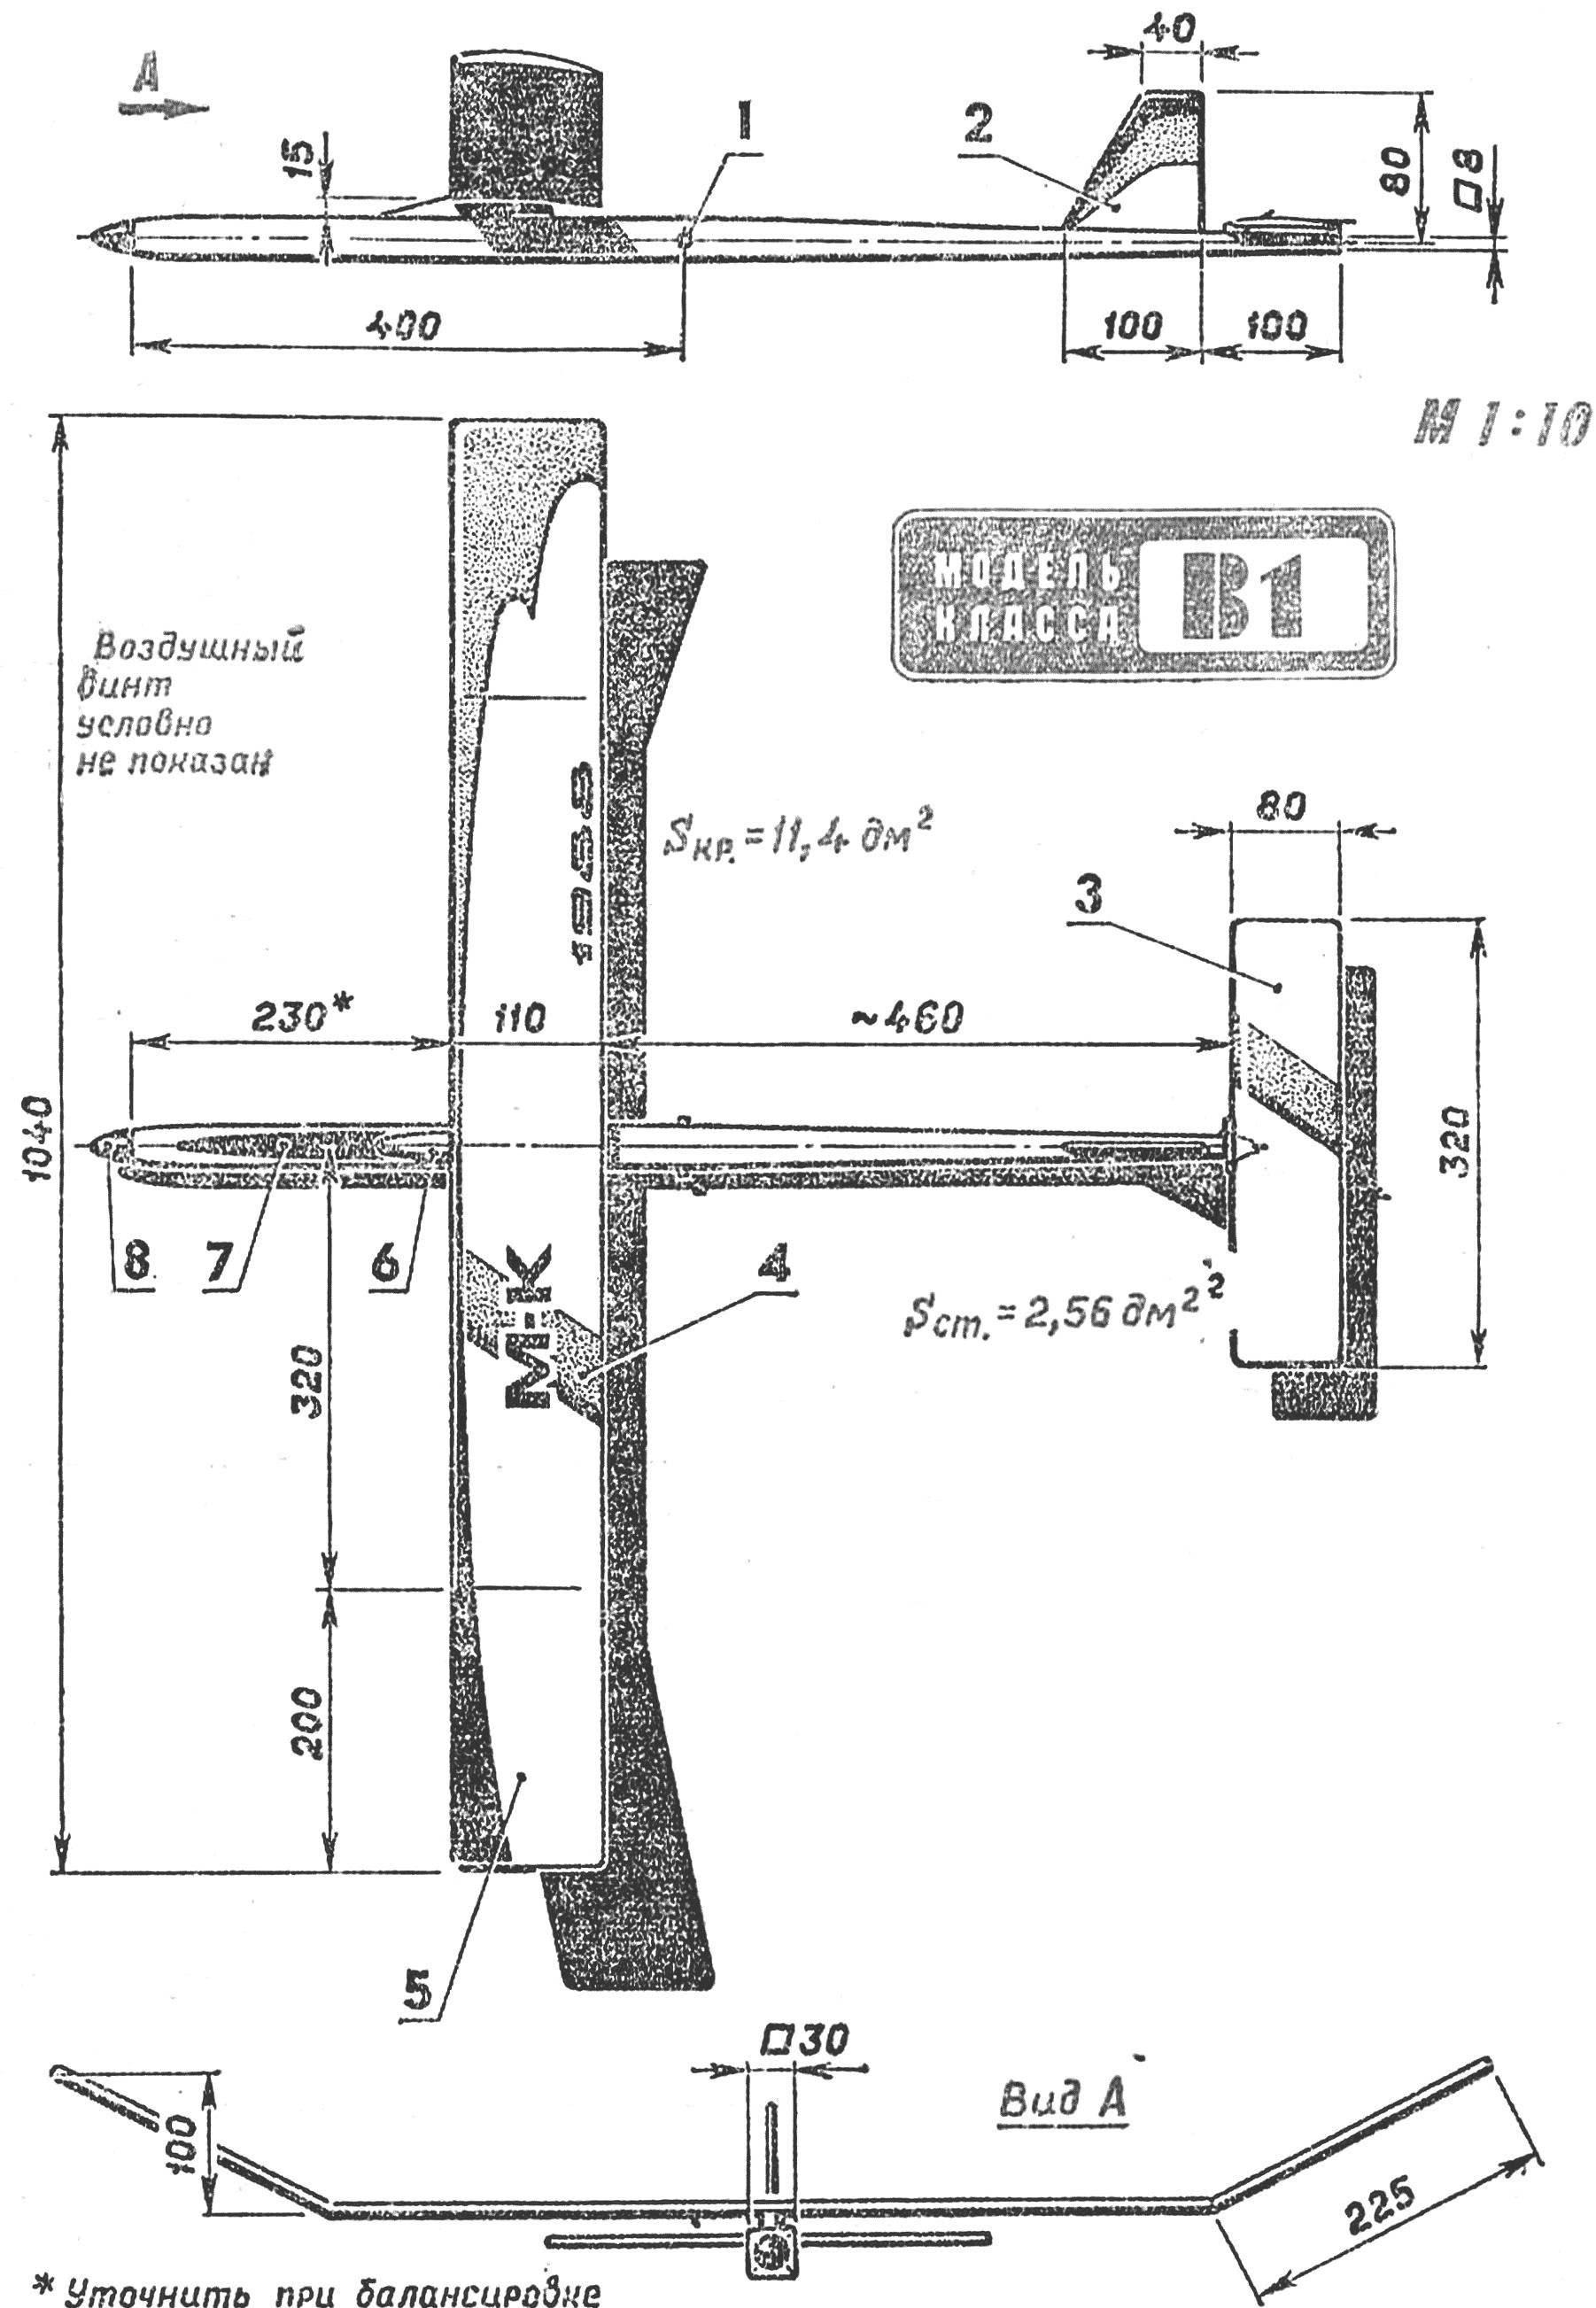 Основные размеры резиномоторной модели